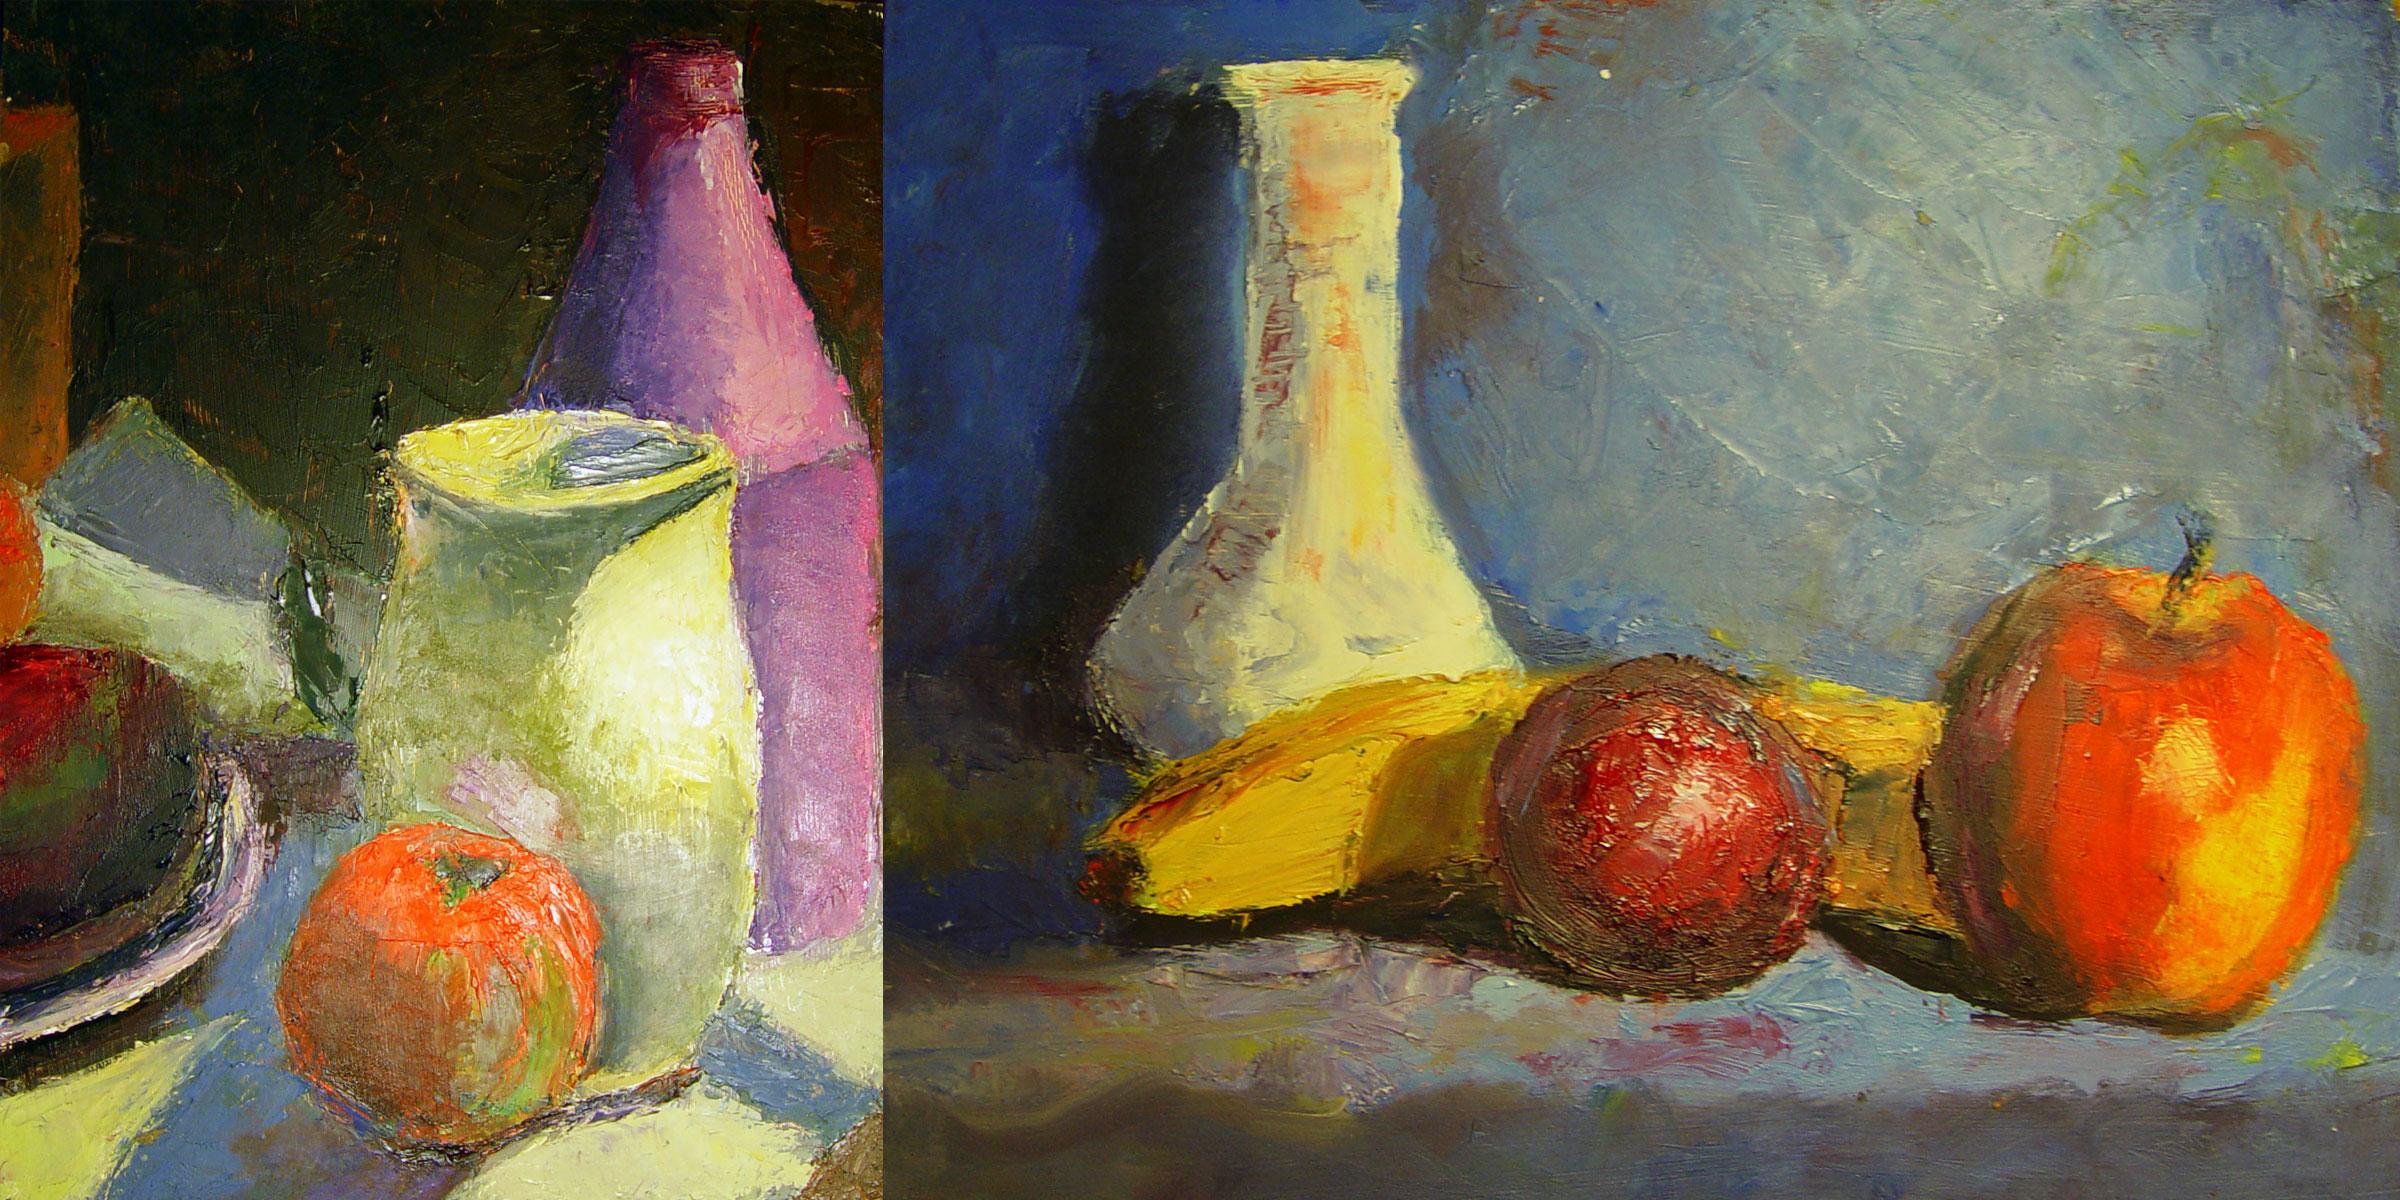 Daniel C. Palmer Art – Oil Still Life 1 & 2